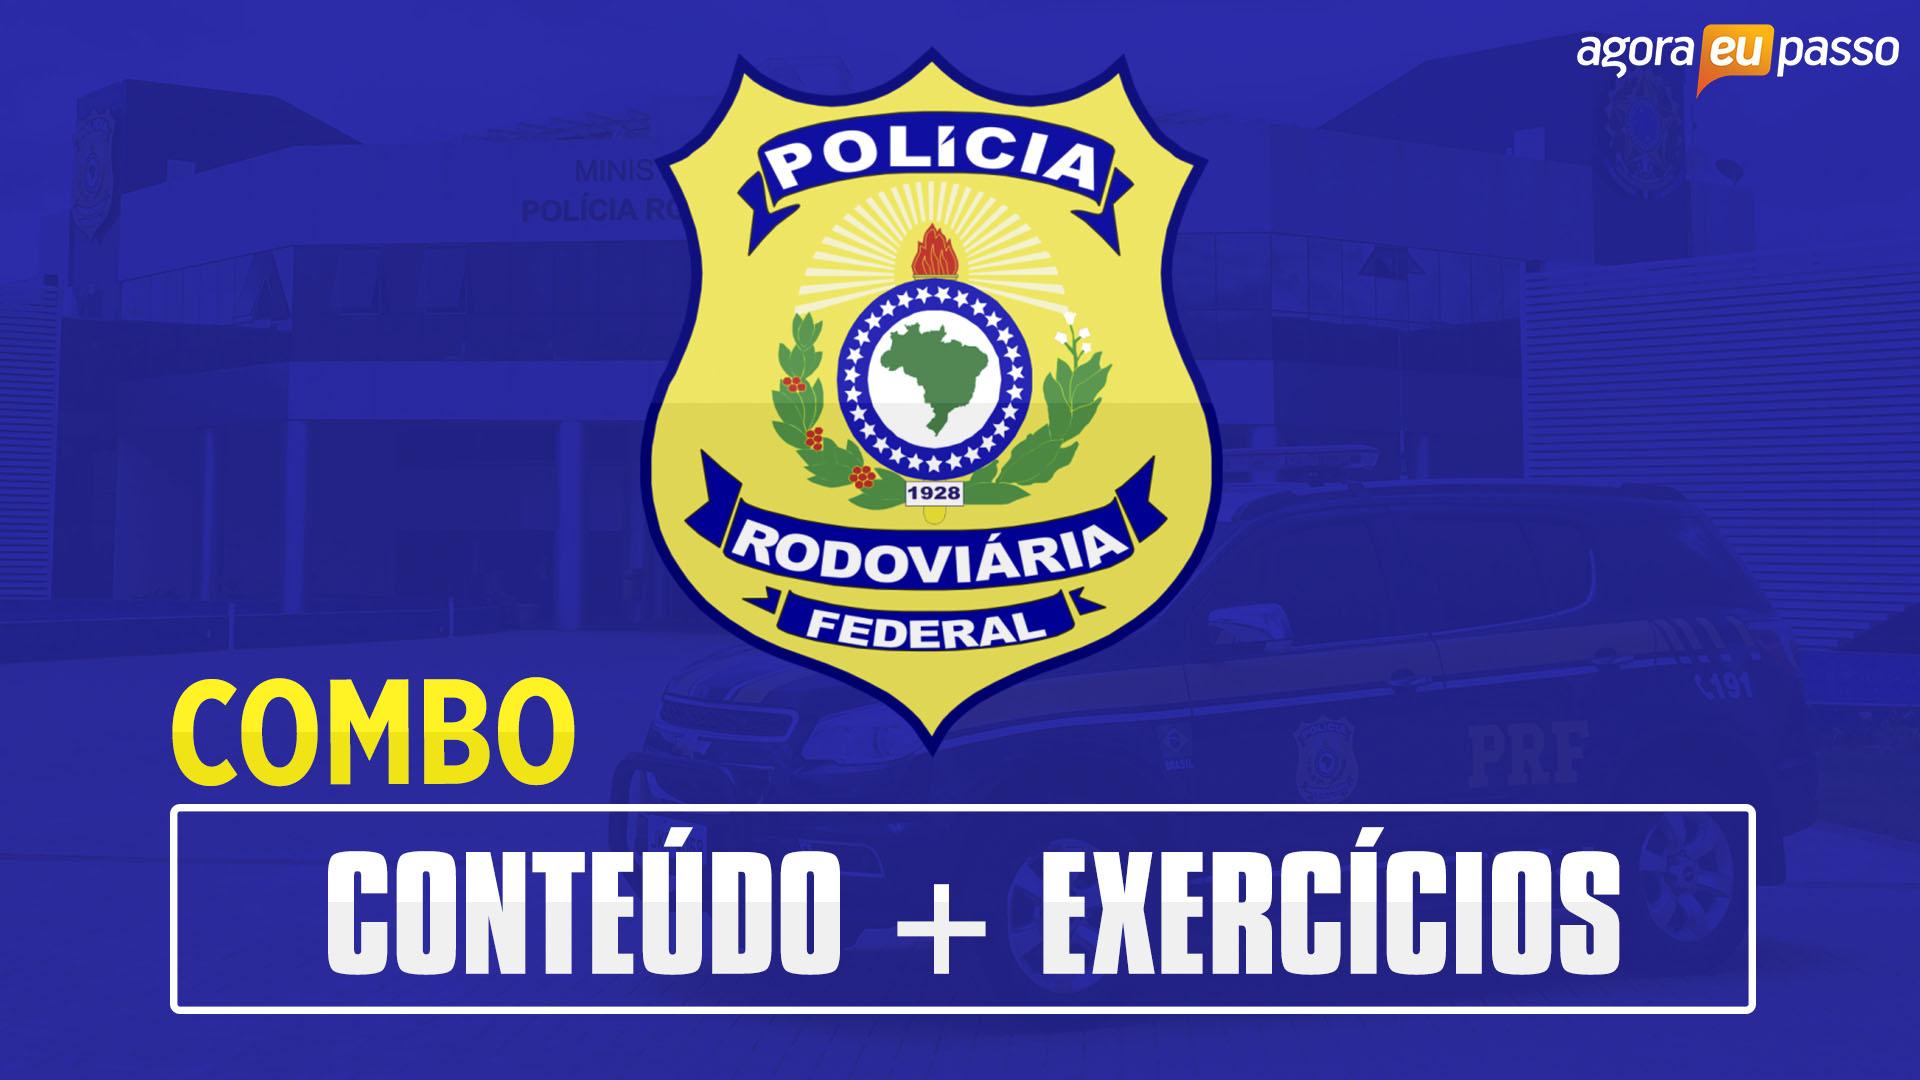 Policial Rodoviário Federal - PRF - Combo